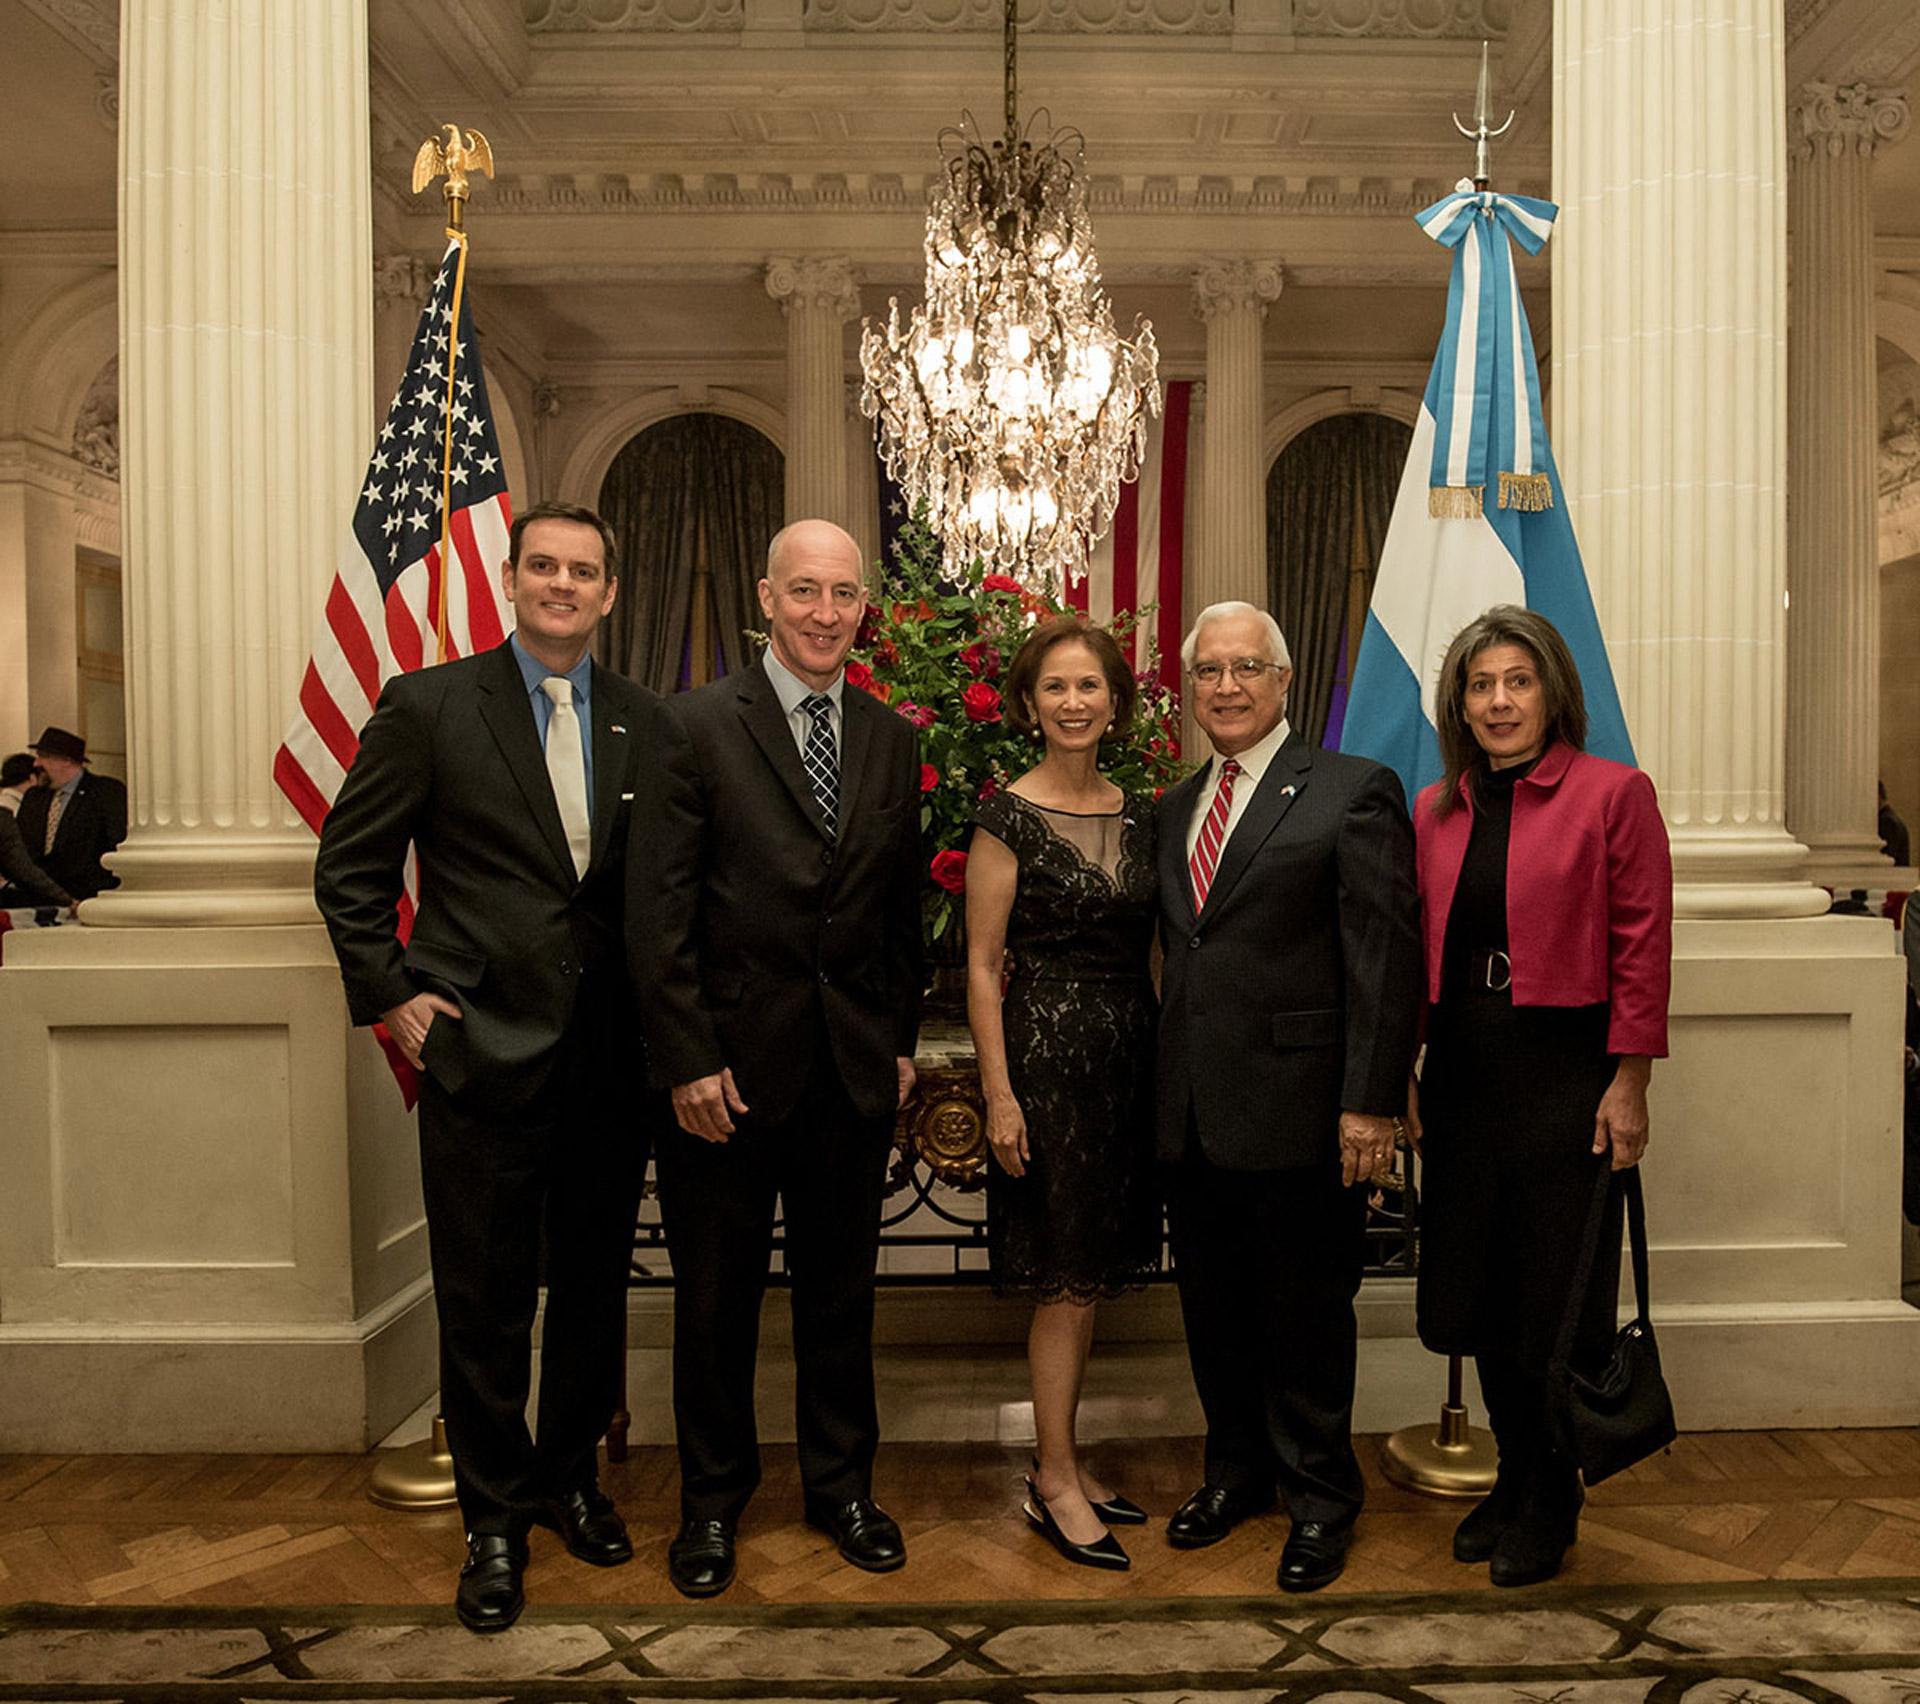 El embajador Prado junto a su mujer María y Tom Cooney reciben al embajador británico, Mark Kent, y su esposa Martine